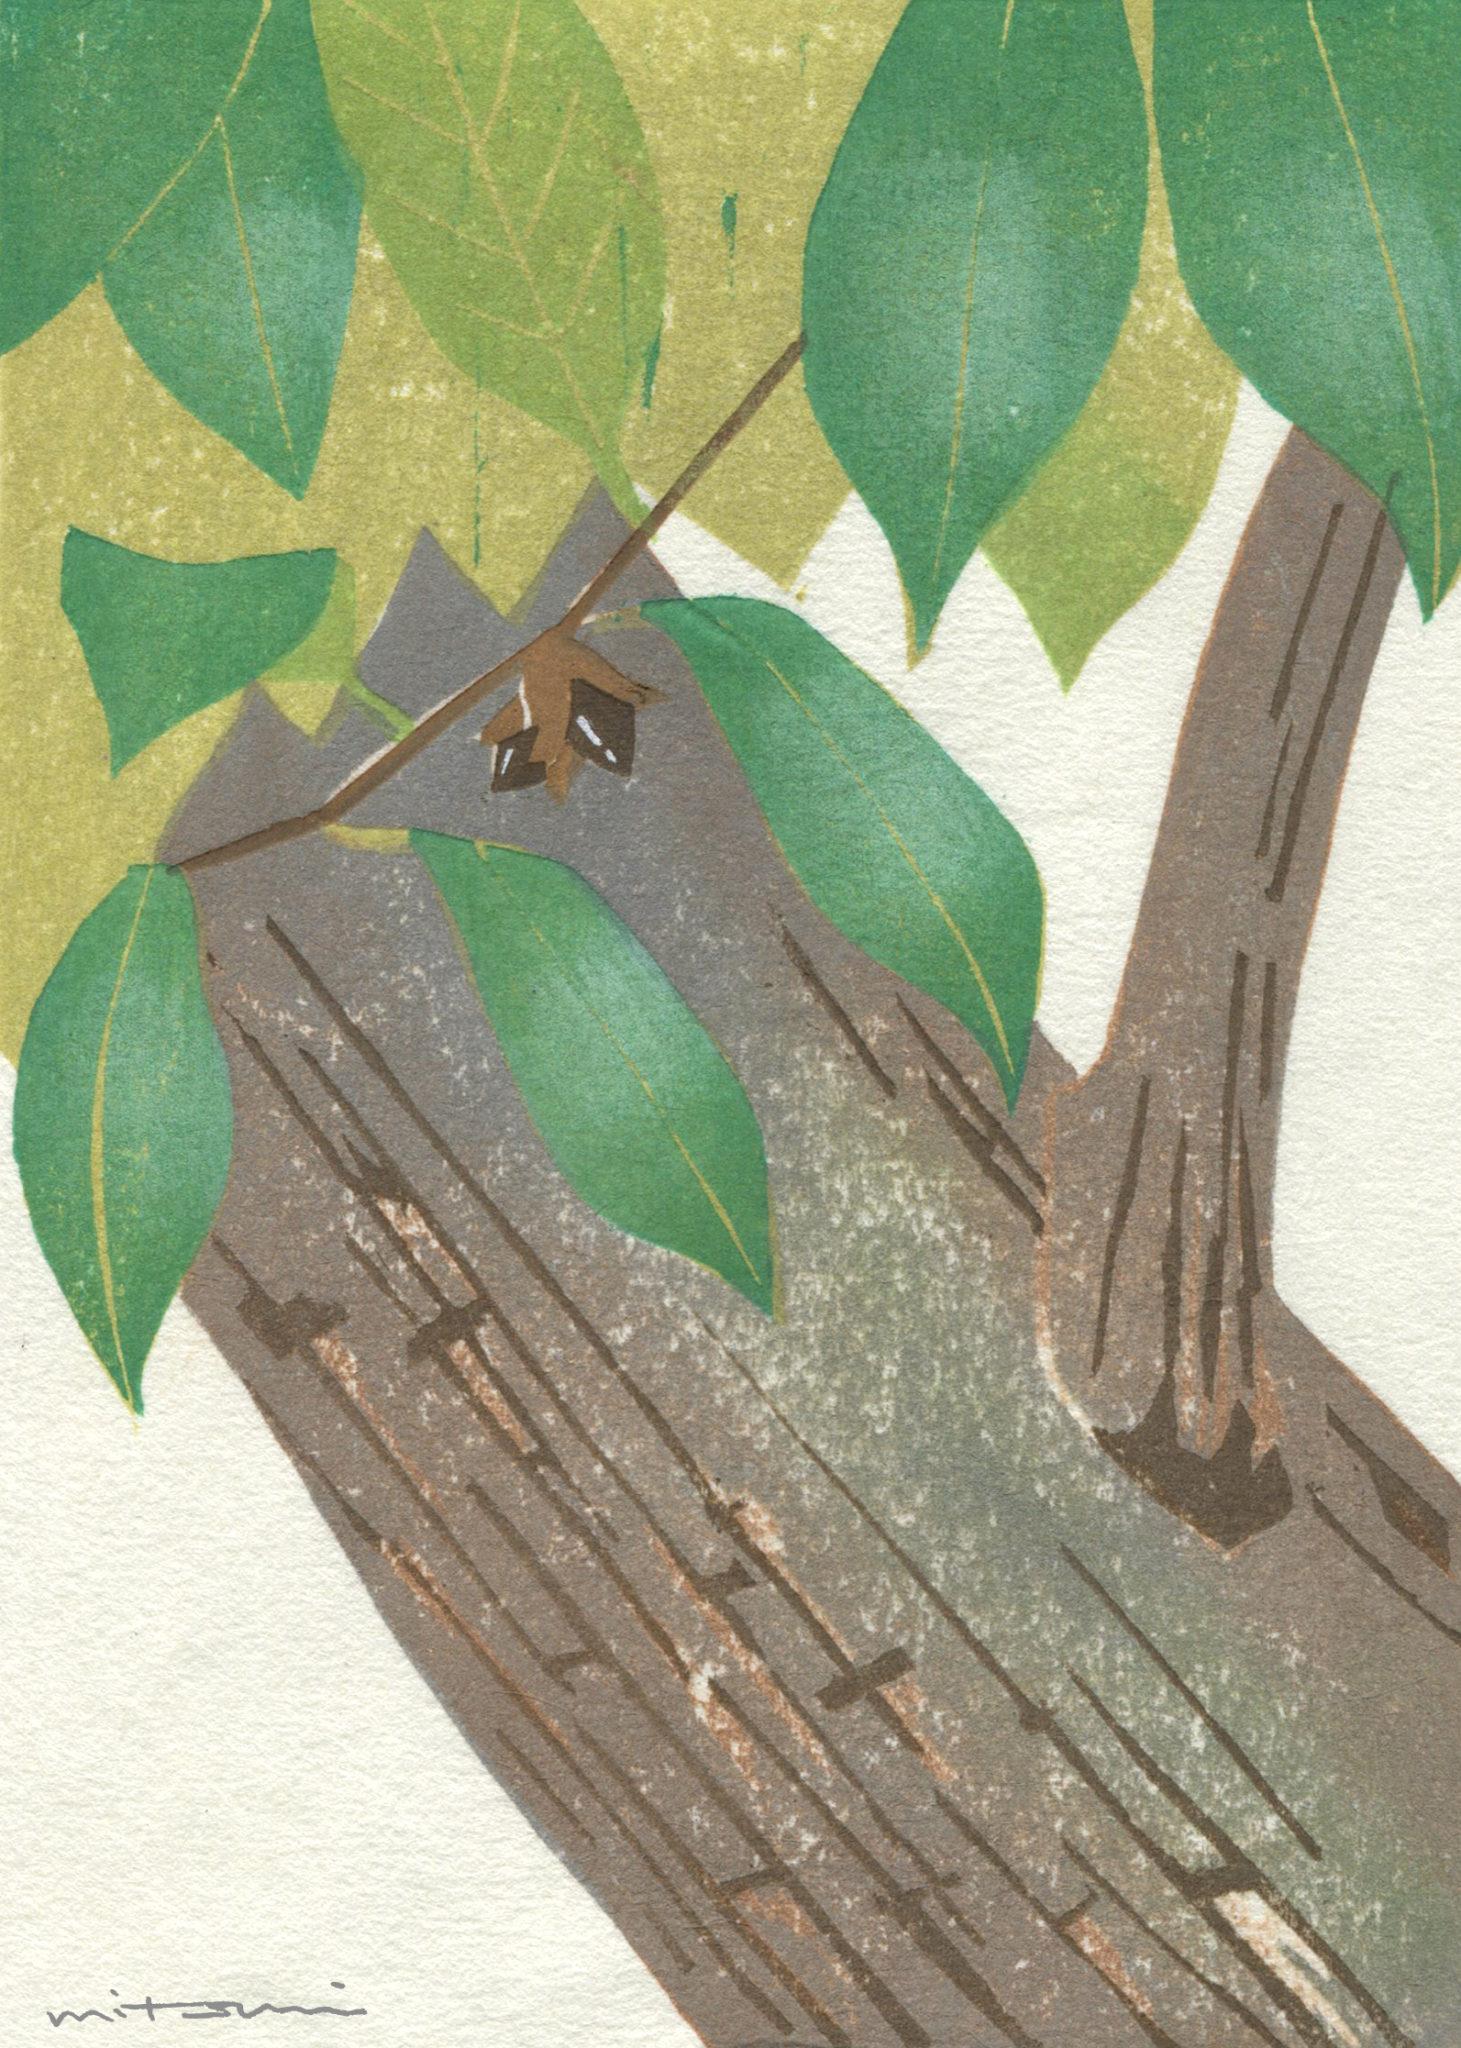 木版画が彩る世界「スダジイ」